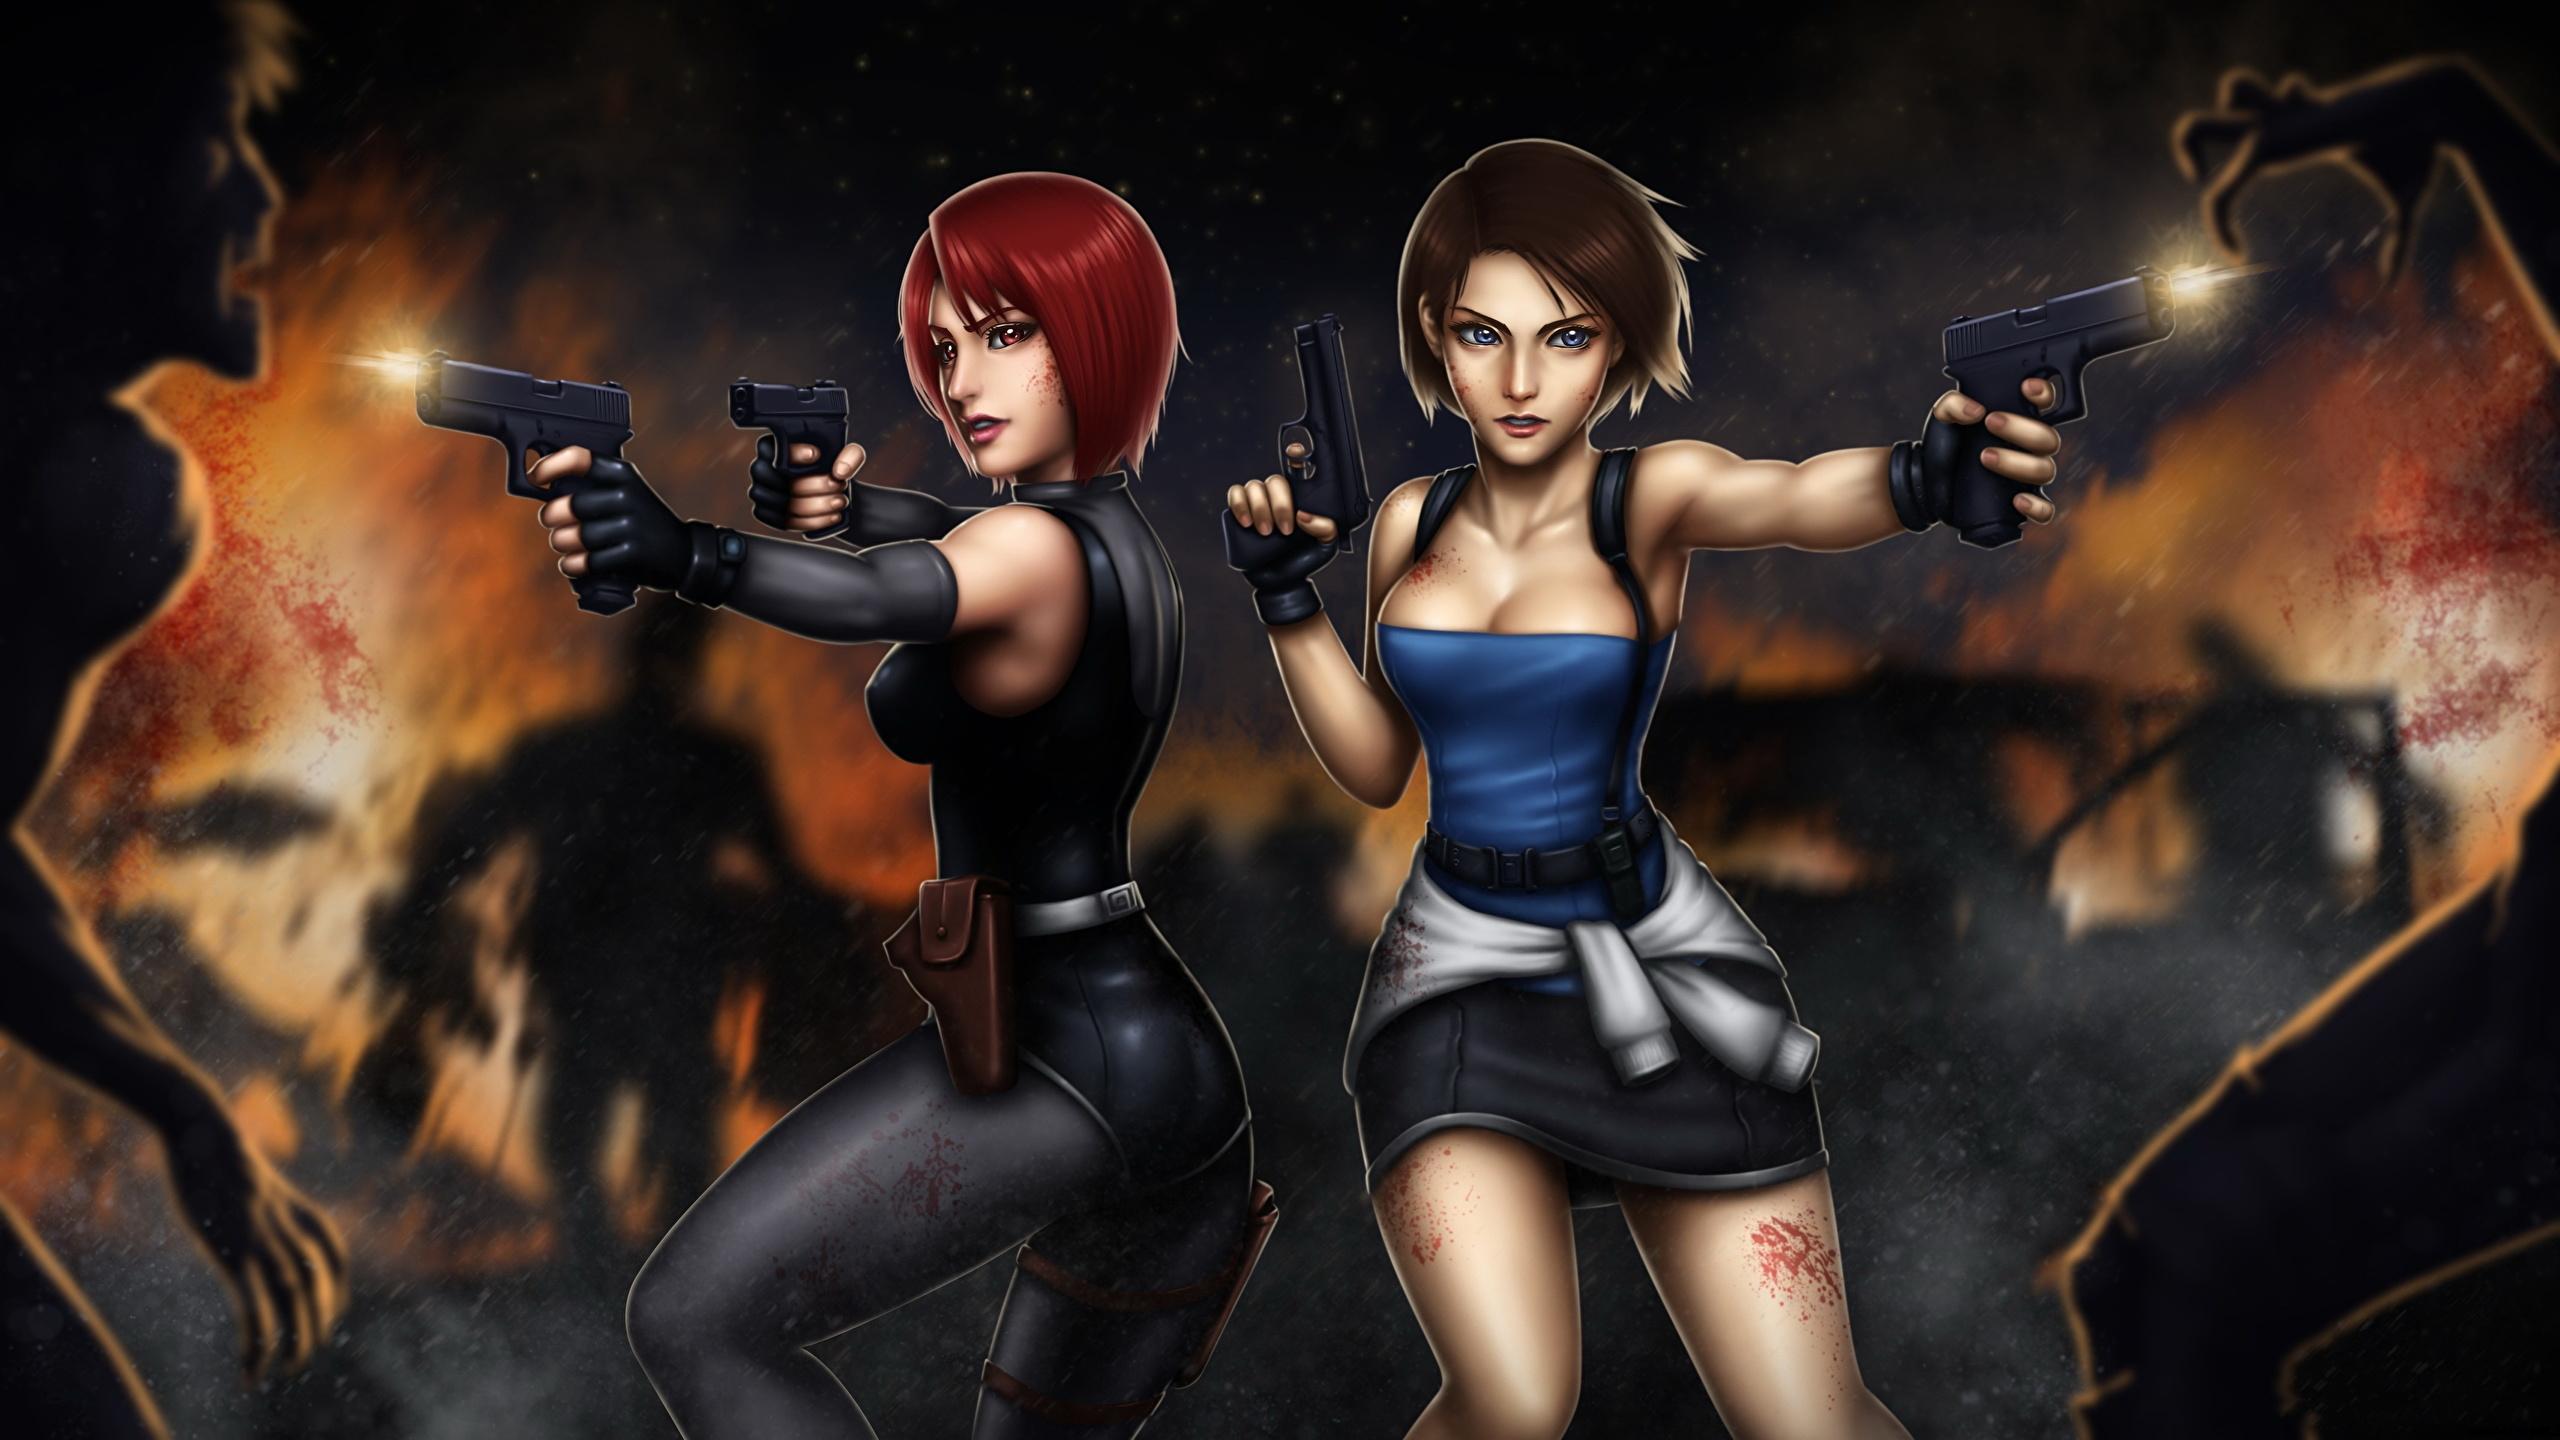 Wallpaper Resident Evil Zombie Firing Pistols Redhead Girl 2560x1440